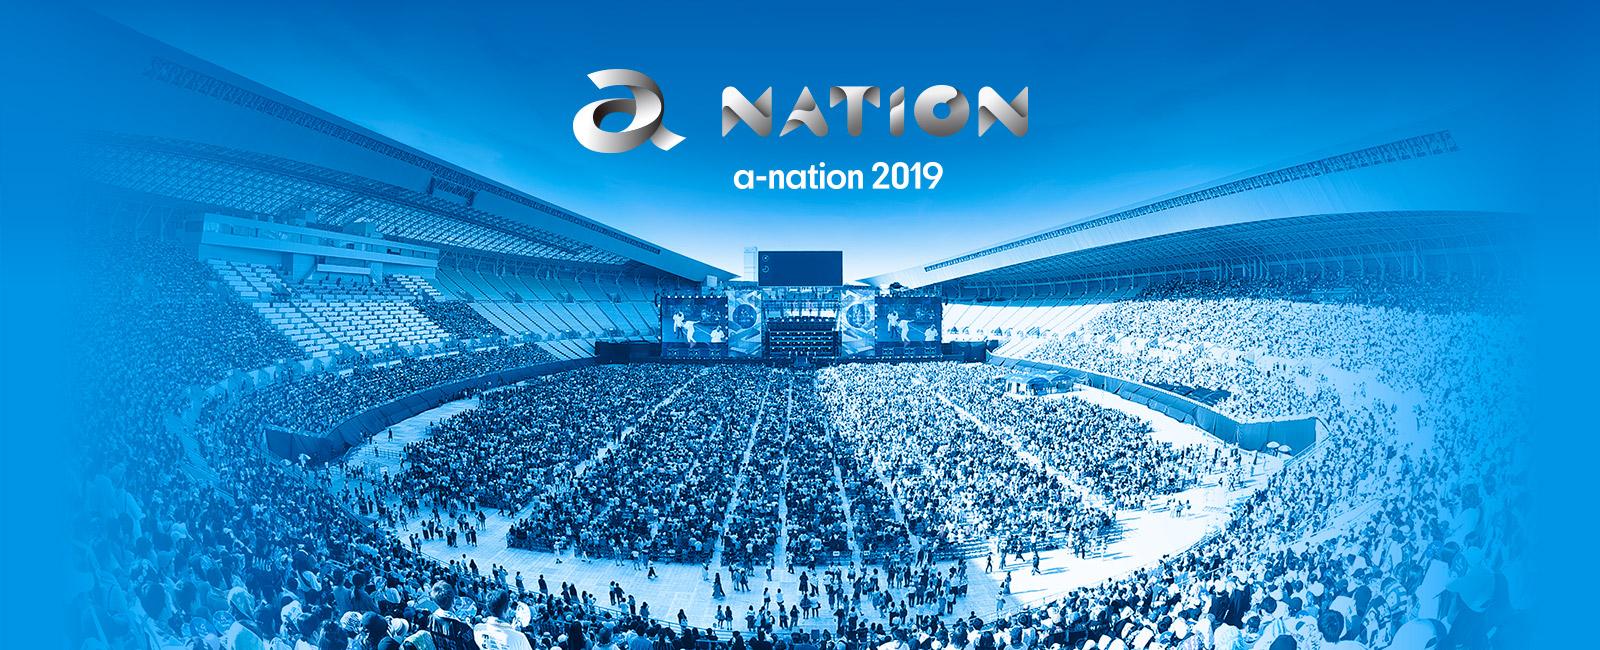 a-nation 2019 オフィシャルグッズ